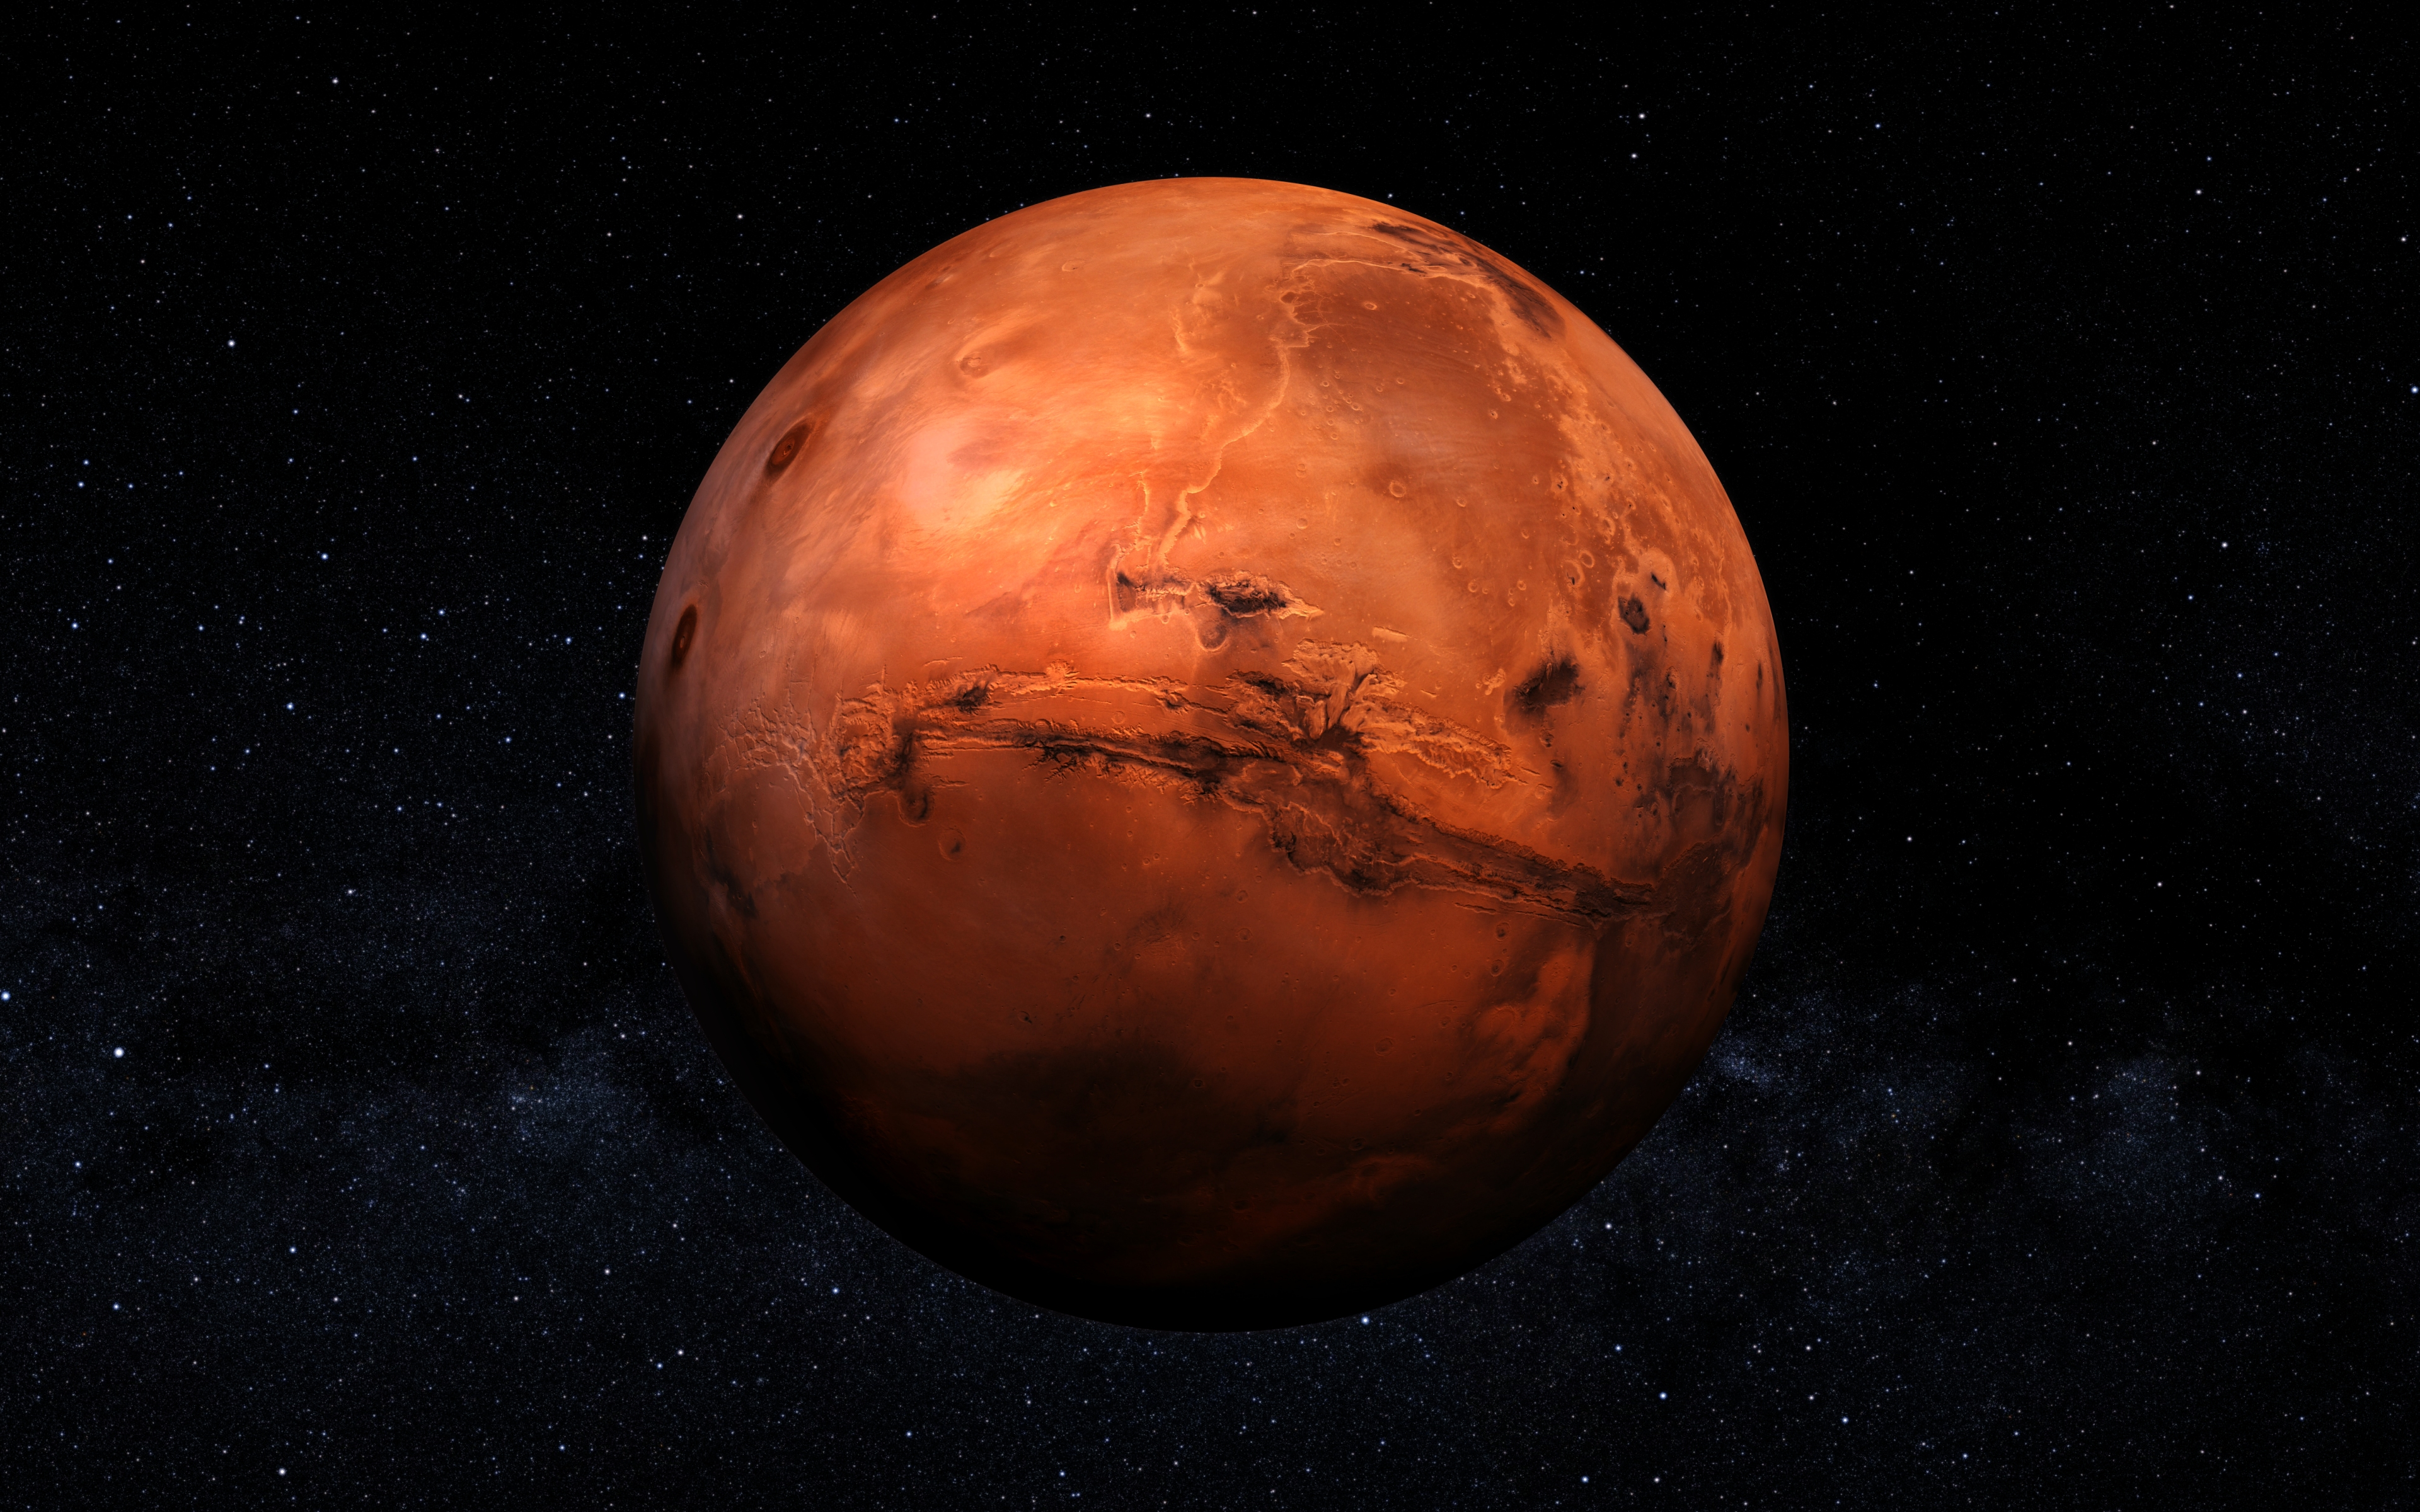 سفر به مریخ بدون هزینه ! (NASA)